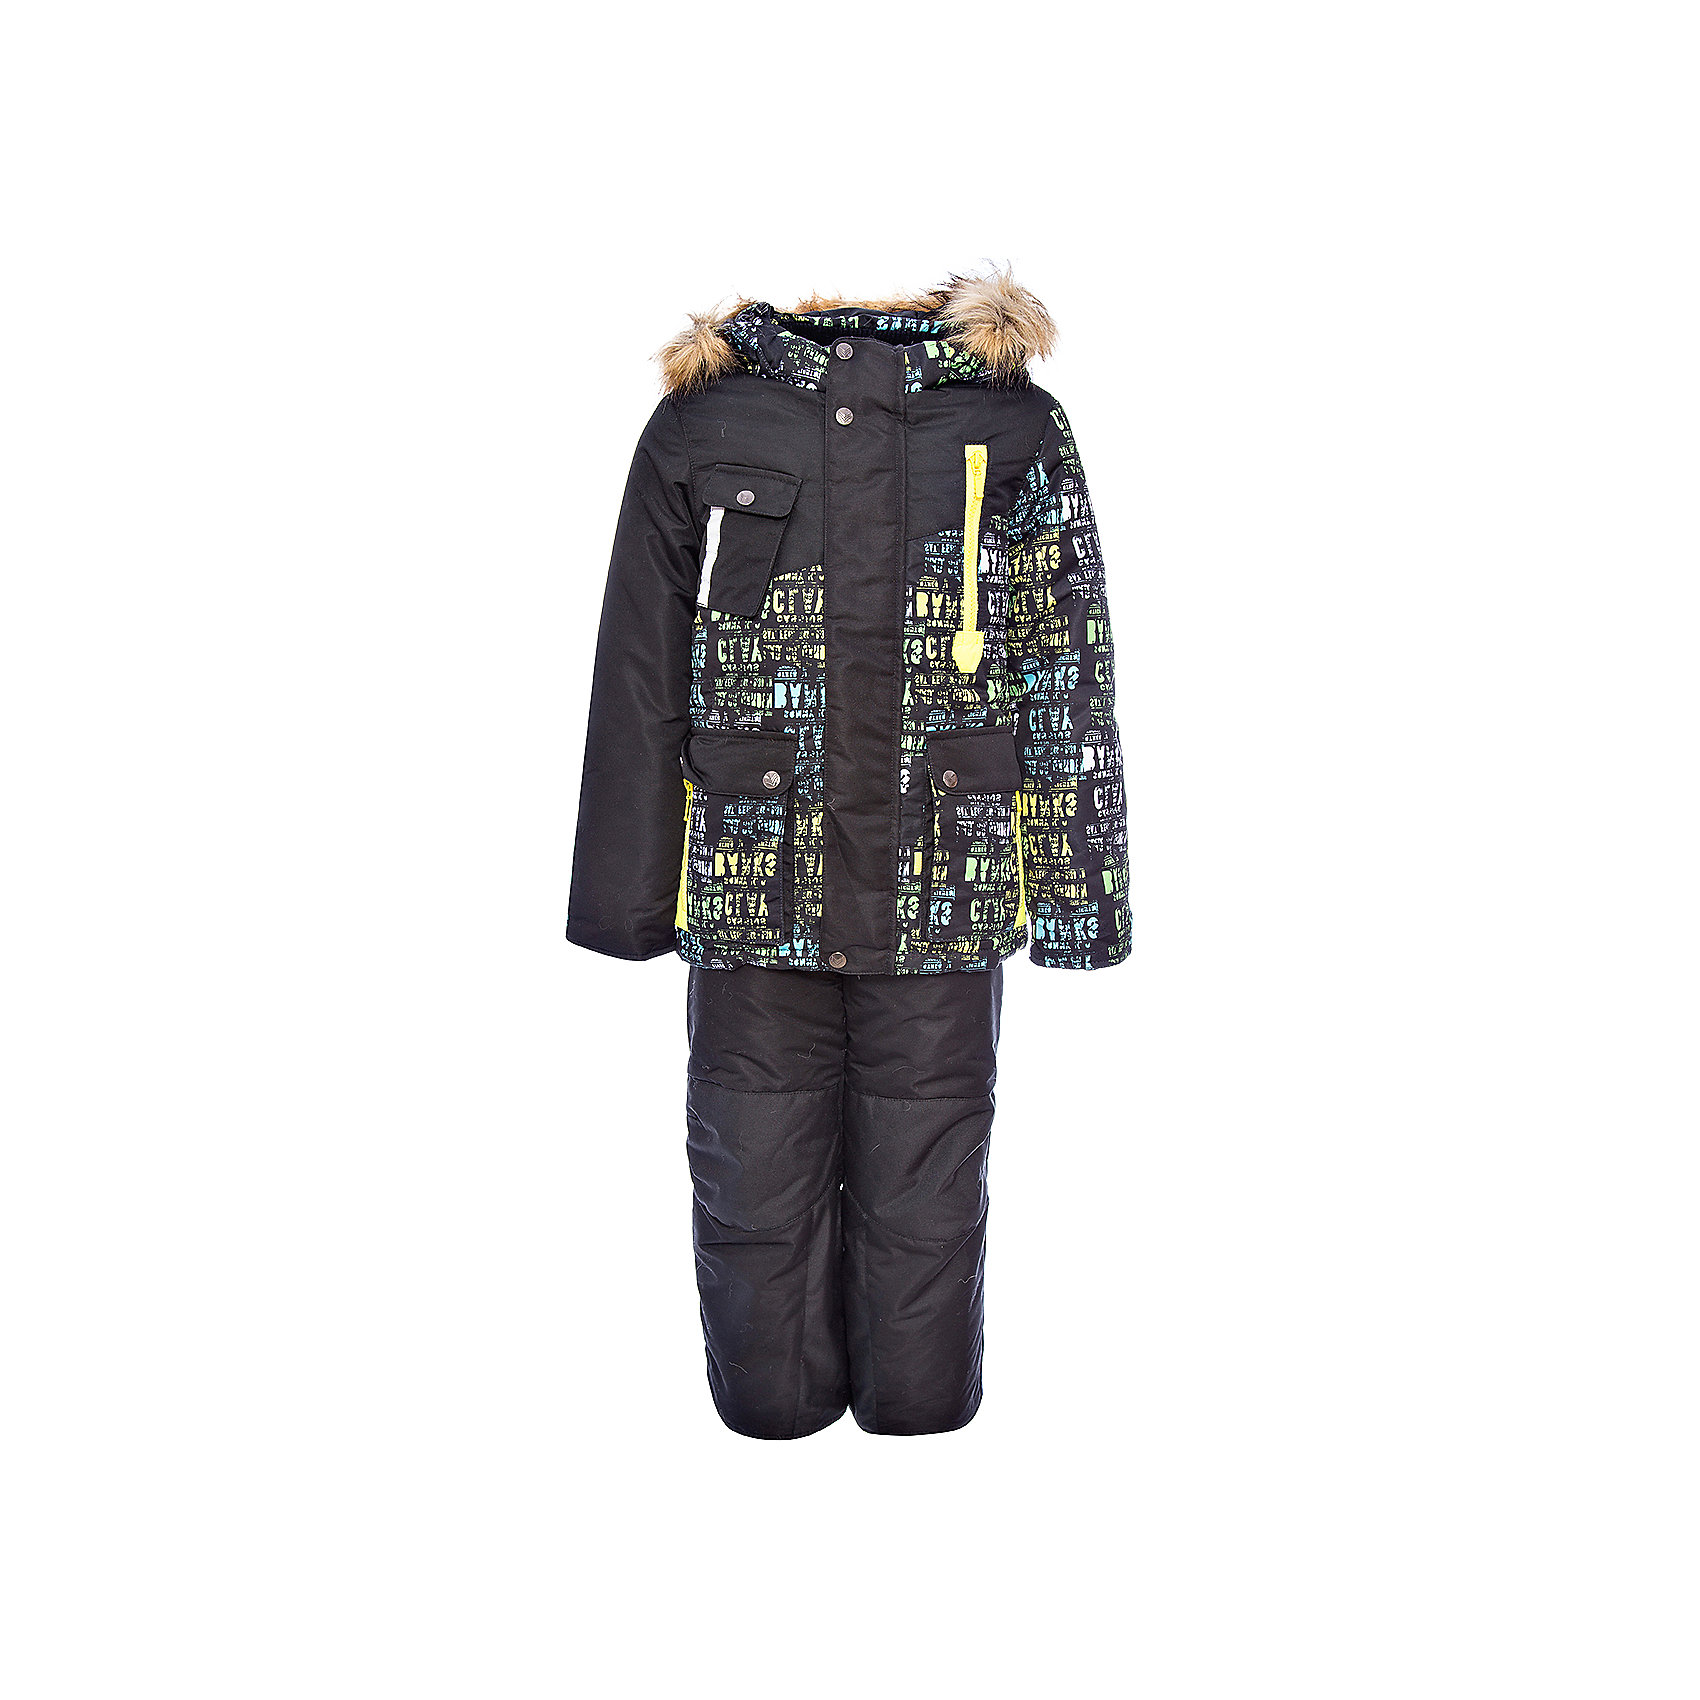 Комплект: куртка и полукомбинезон Ян OLDOS для мальчикаВерхняя одежда<br>Характеристики товара:<br><br>• цвет: черный<br>• комплектация: куртка и полукомбинезон<br>• состав ткани: 100% полиэстер, Teflon<br>• подкладка: хлопок, полиэстер<br>• утеплитель: Hollofan 250/200 г/м2<br>• подстежка: 60% шерсть, 40% полиэстер<br>• сезон: зима<br>• температурный режим: от -35 до 0<br>• застежка: молния<br>• капюшон: с мехом, съемный<br>• подстежка в комплекте<br>• страна бренда: Россия<br>• страна изготовитель: Россия<br><br>Теплый костюм для ребенка выполнен в практичной расцветке. Такой зимний комплект состоит из куртки и удобного полукомбинезона. Наполнитель зимнего комплекта легкий и теплый. Зимний костюм для мальчика дополнен элементами, помогающими скорректировать размер точно под ребенка. <br><br>Комплект: куртка и полукомбинезон Ян Oldos (Олдос) для мальчика можно купить в нашем интернет-магазине.<br><br>Ширина мм: 356<br>Глубина мм: 10<br>Высота мм: 245<br>Вес г: 519<br>Цвет: черный<br>Возраст от месяцев: 96<br>Возраст до месяцев: 108<br>Пол: Мужской<br>Возраст: Детский<br>Размер: 134,104,110,116,122<br>SKU: 7016976